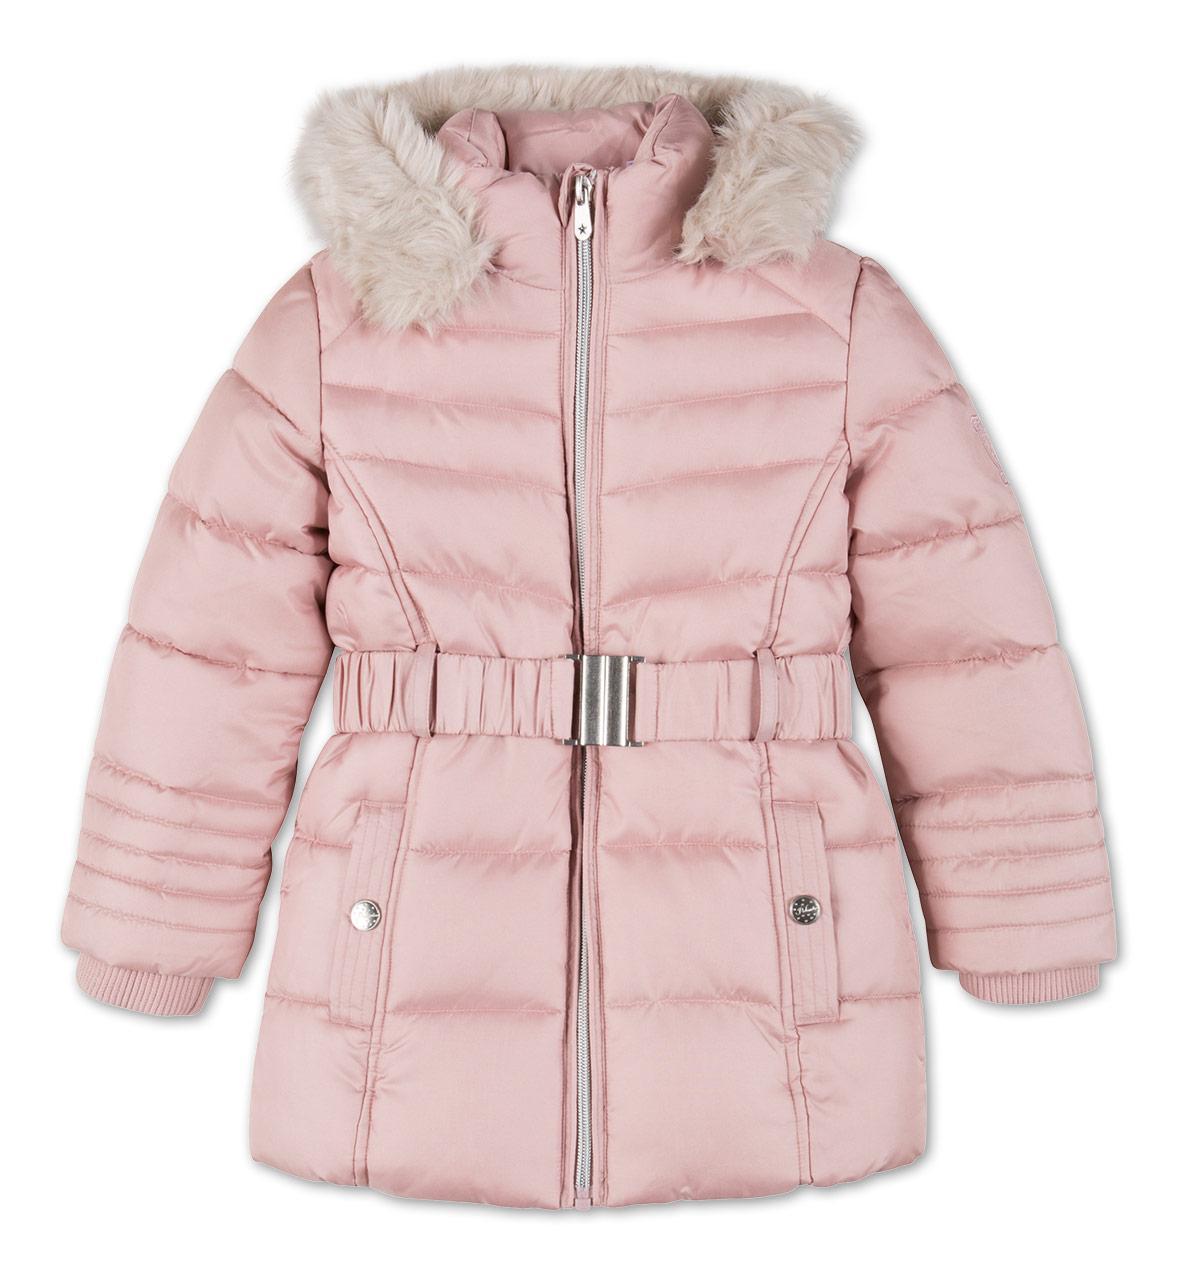 Детская зимняя куртка на девочку 4 года от C&A Palomino Германия Размер 104